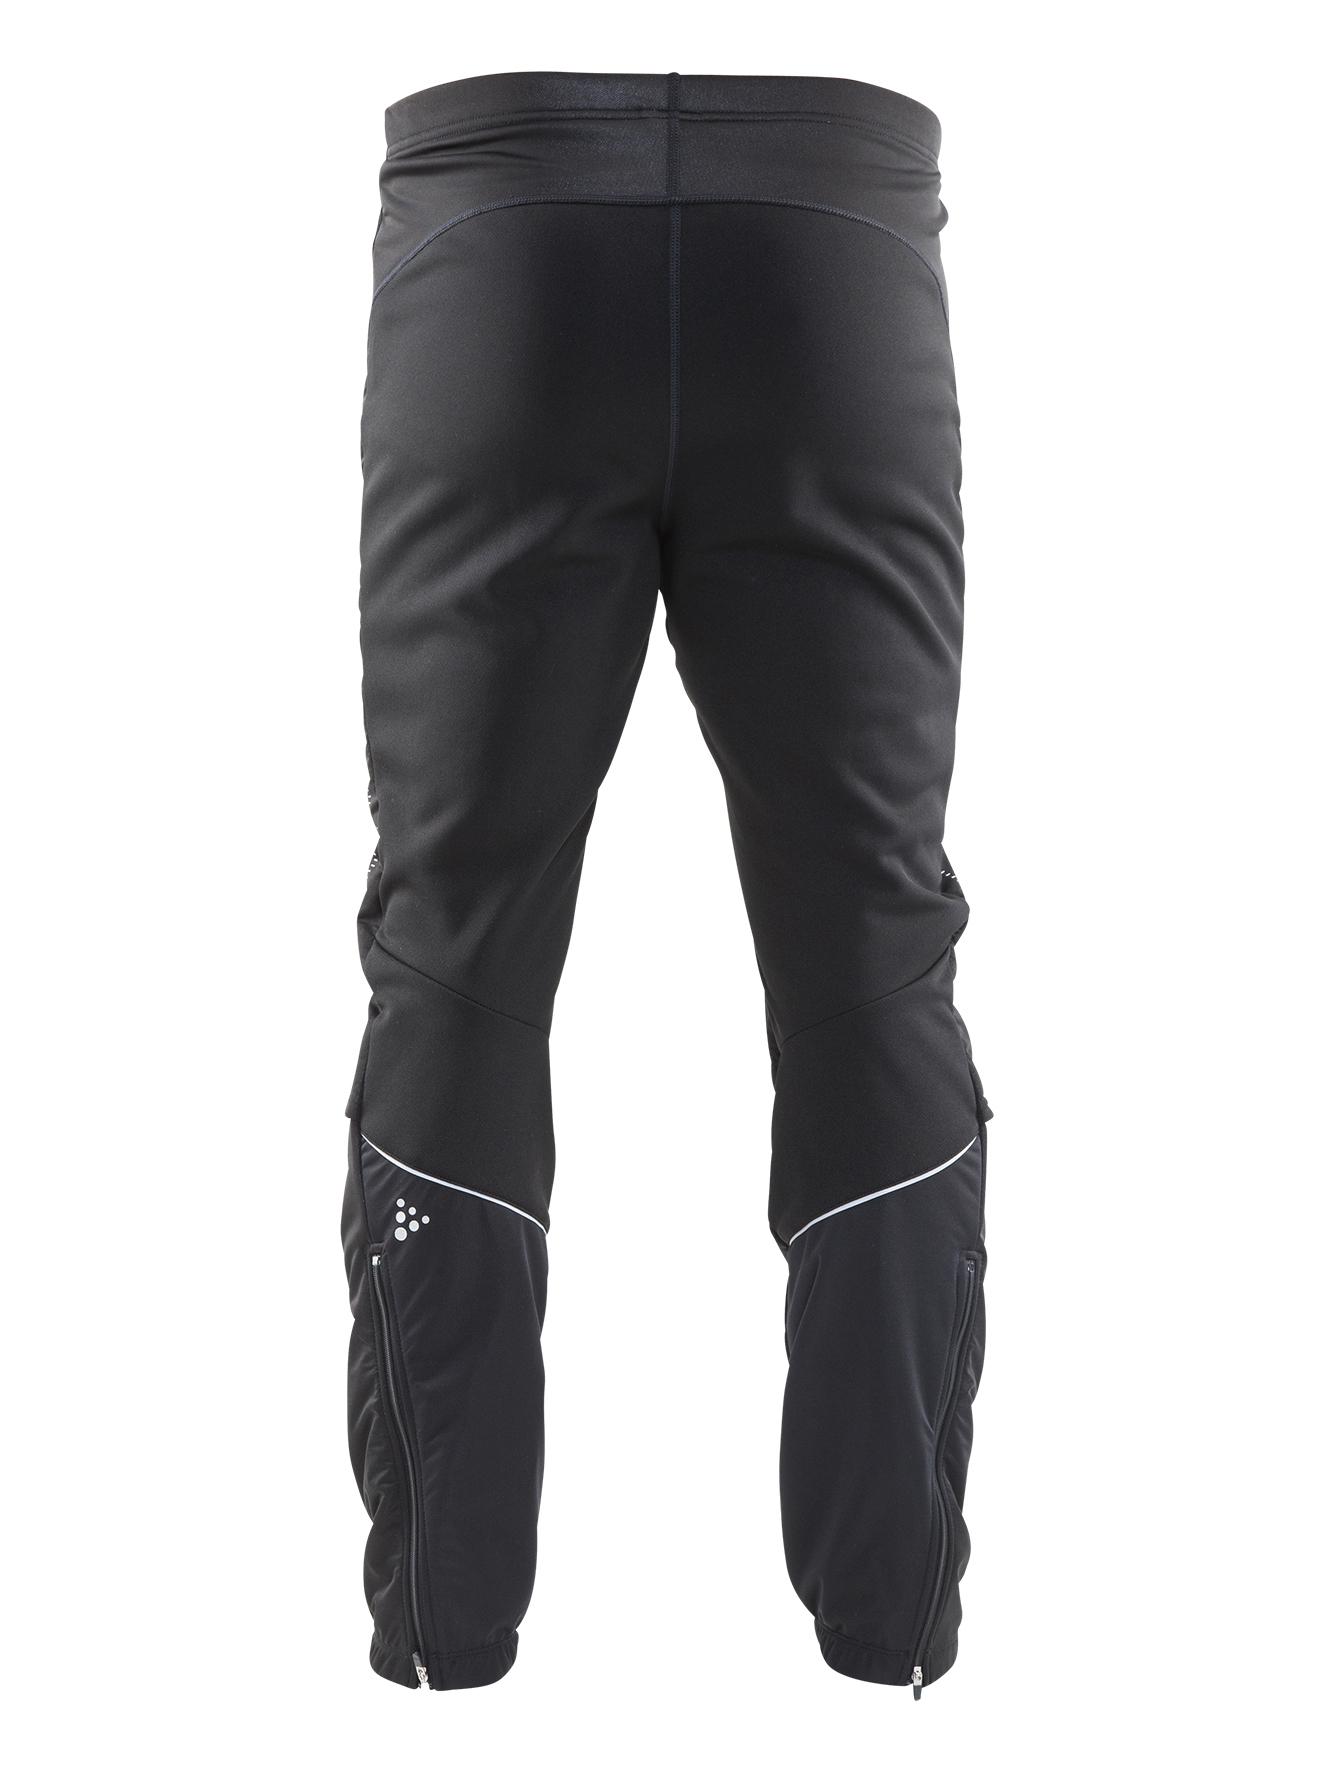 Лыжный костюм Craft Storm Black мужской - 6